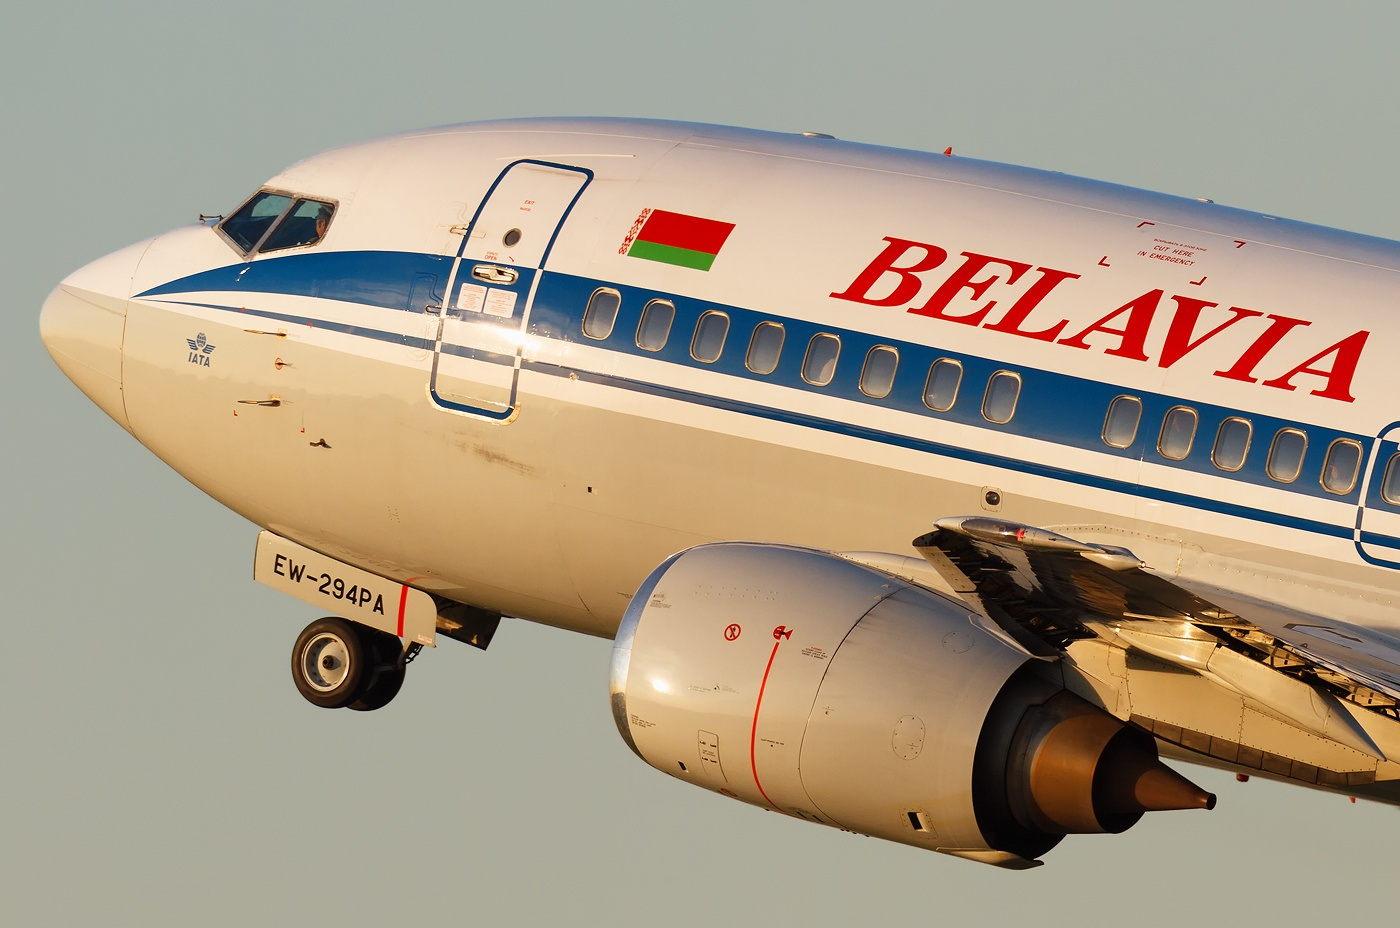 Απαγόρευση πτήσεων αεροπορικών εταιρειών της Λευκορωσίας στον ελληνικό ενάριο χώρο - Φωτογραφία 1